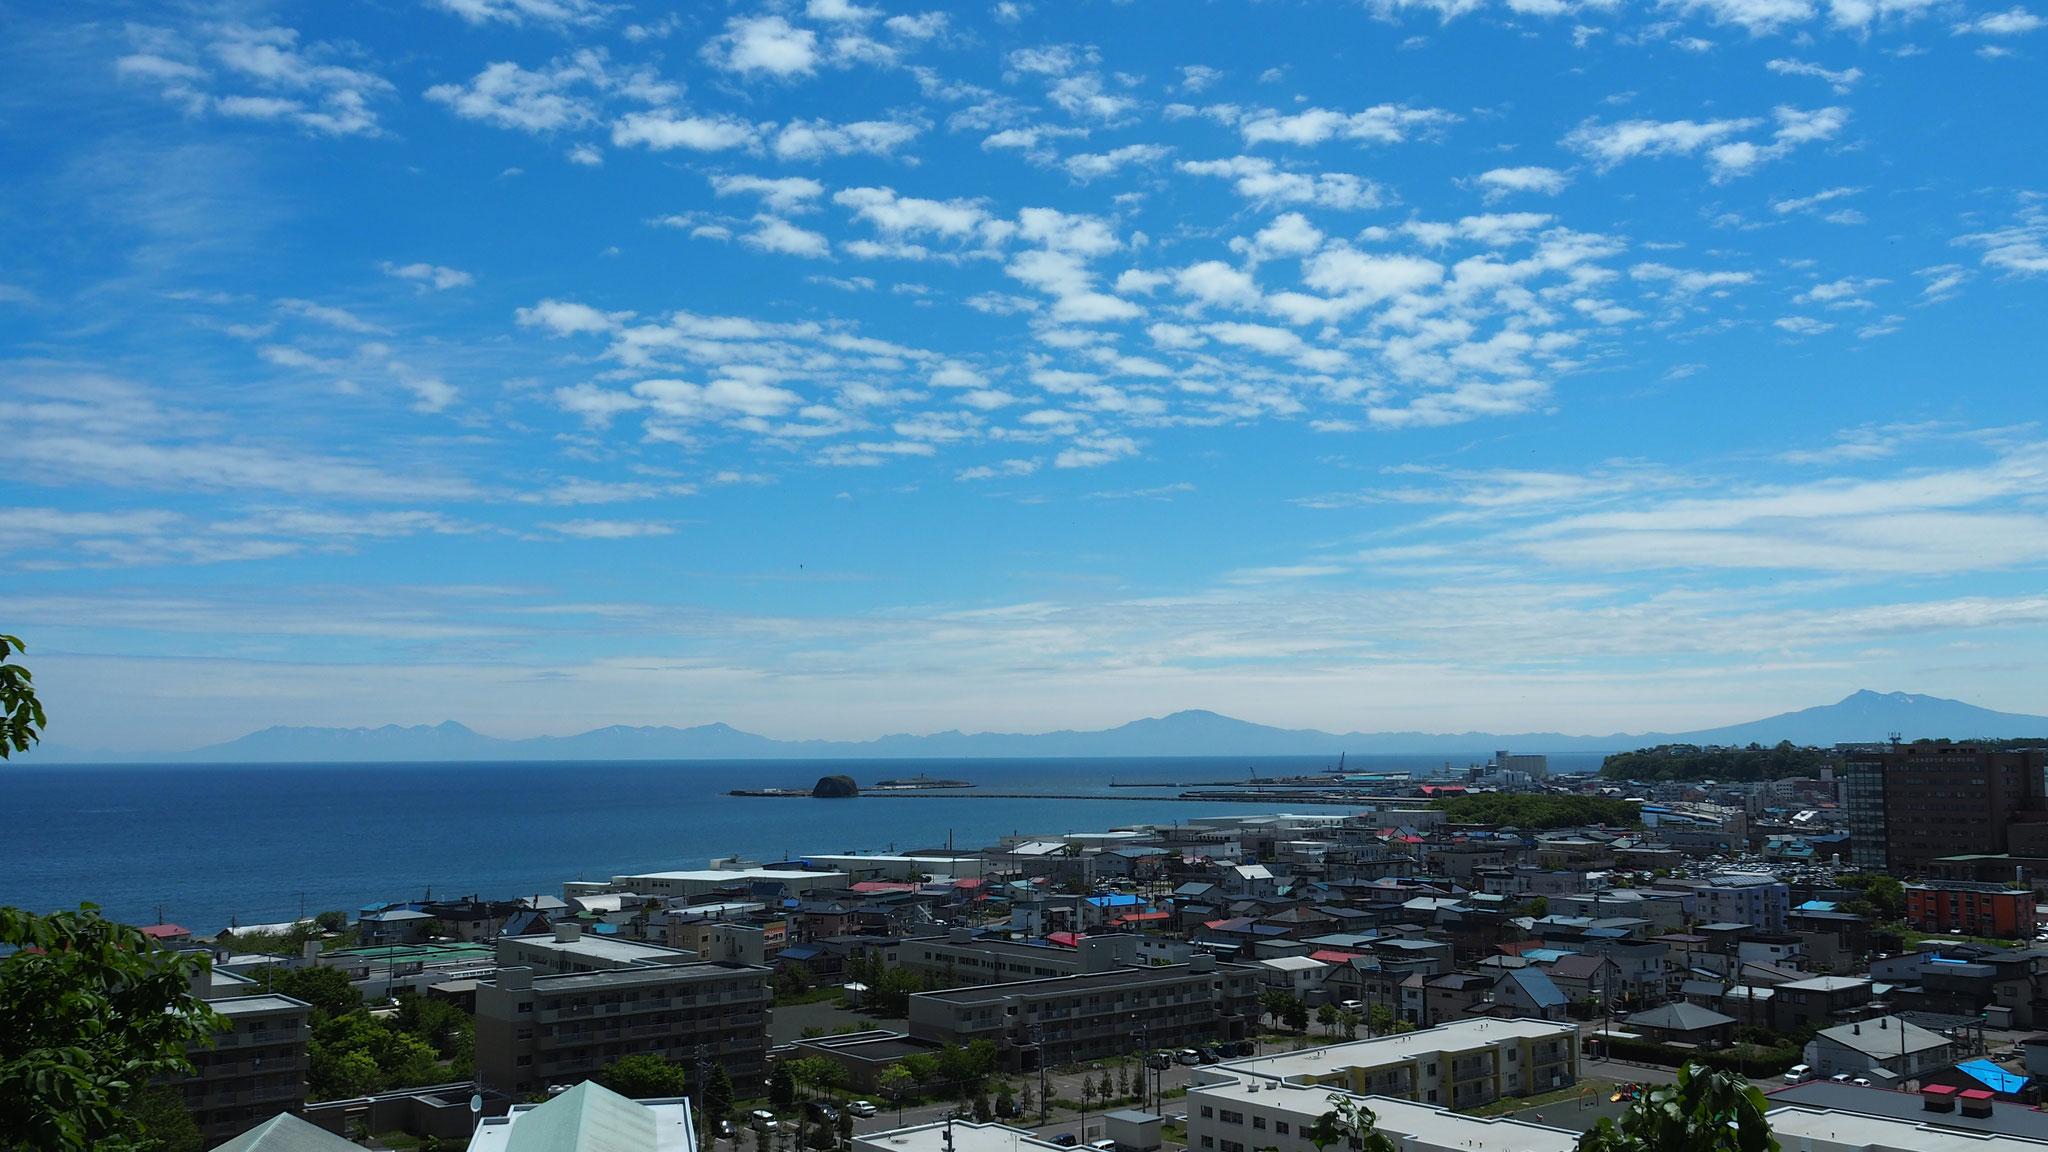 網走港と知床連山を望む。右は斜里岳